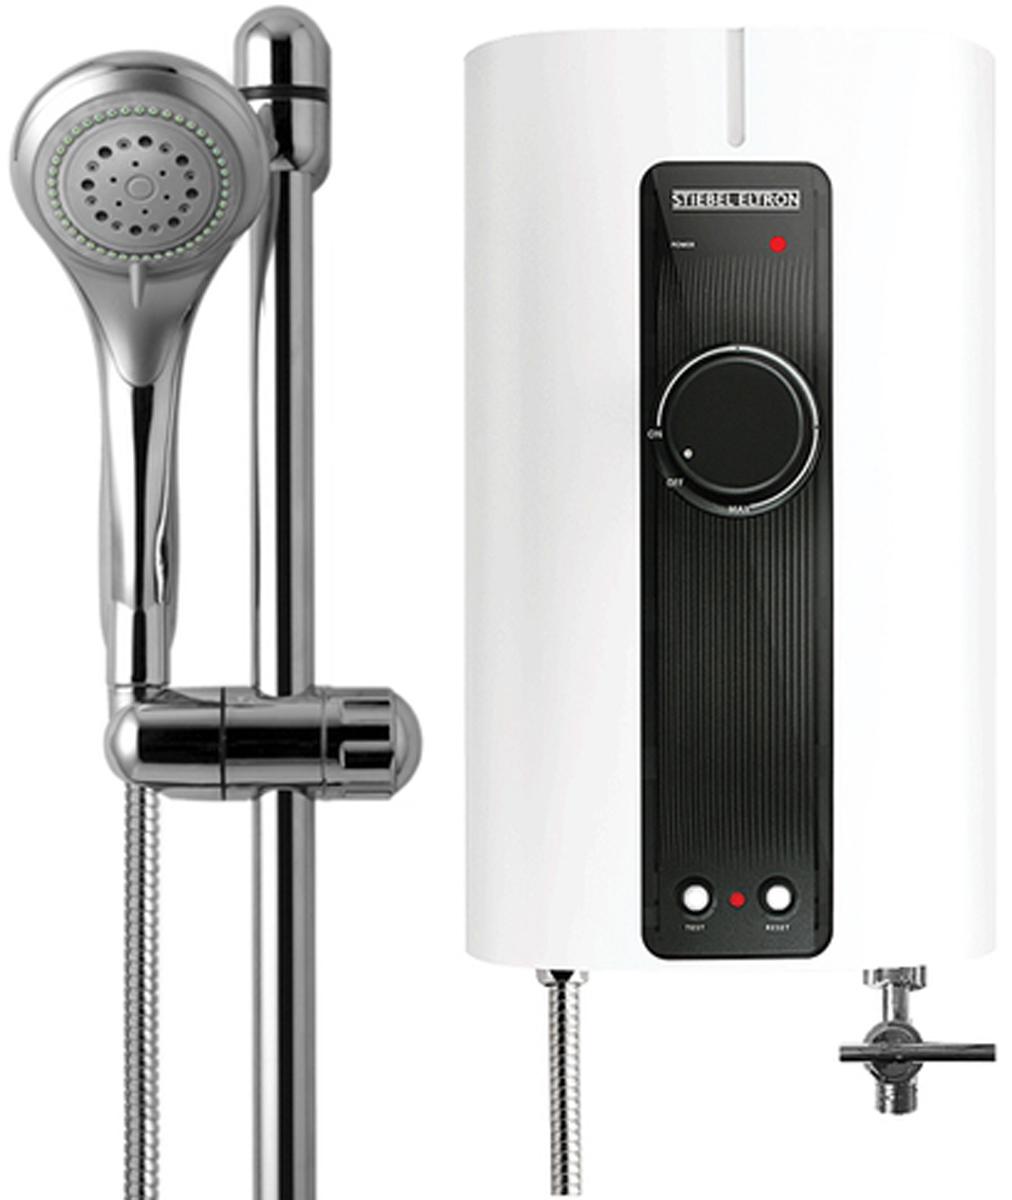 Stiebel Eltron IS 35 E-2 водонагреватель проточныйIS 35 EВодонагреватель электрический проточный Stiebel Eltron IS 35 E безнапорный, мощность 3500 ВтКак выбрать водонагреватель. Статья OZON Гид